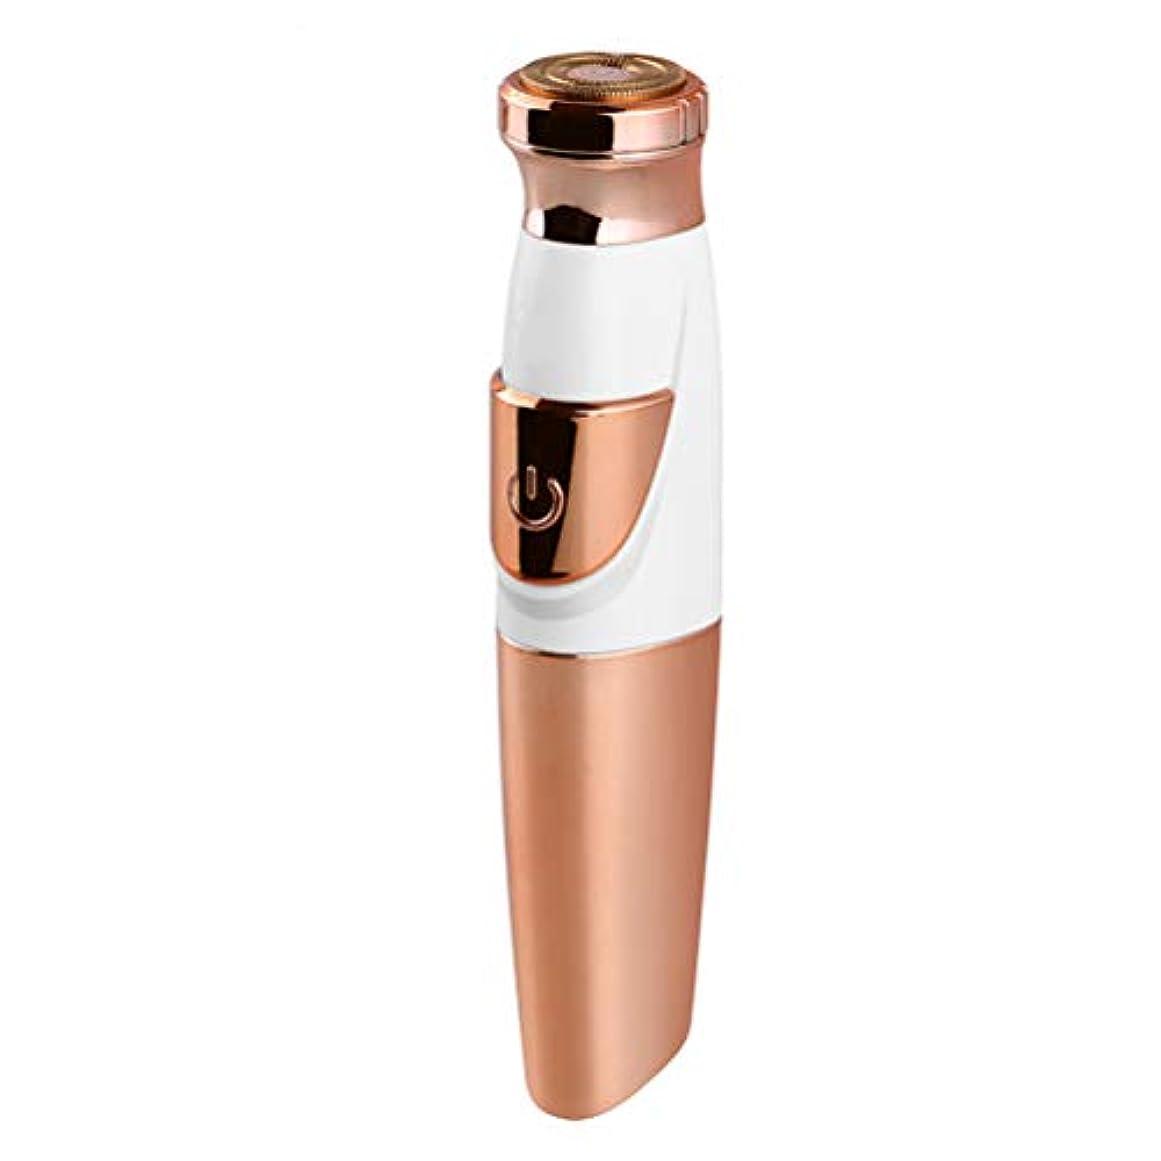 観点感染するジュースNZNB - 脱毛器 ポータブルレディーシェーバーミニシェーバー乾電池脱毛器シェービングマシン - 8502